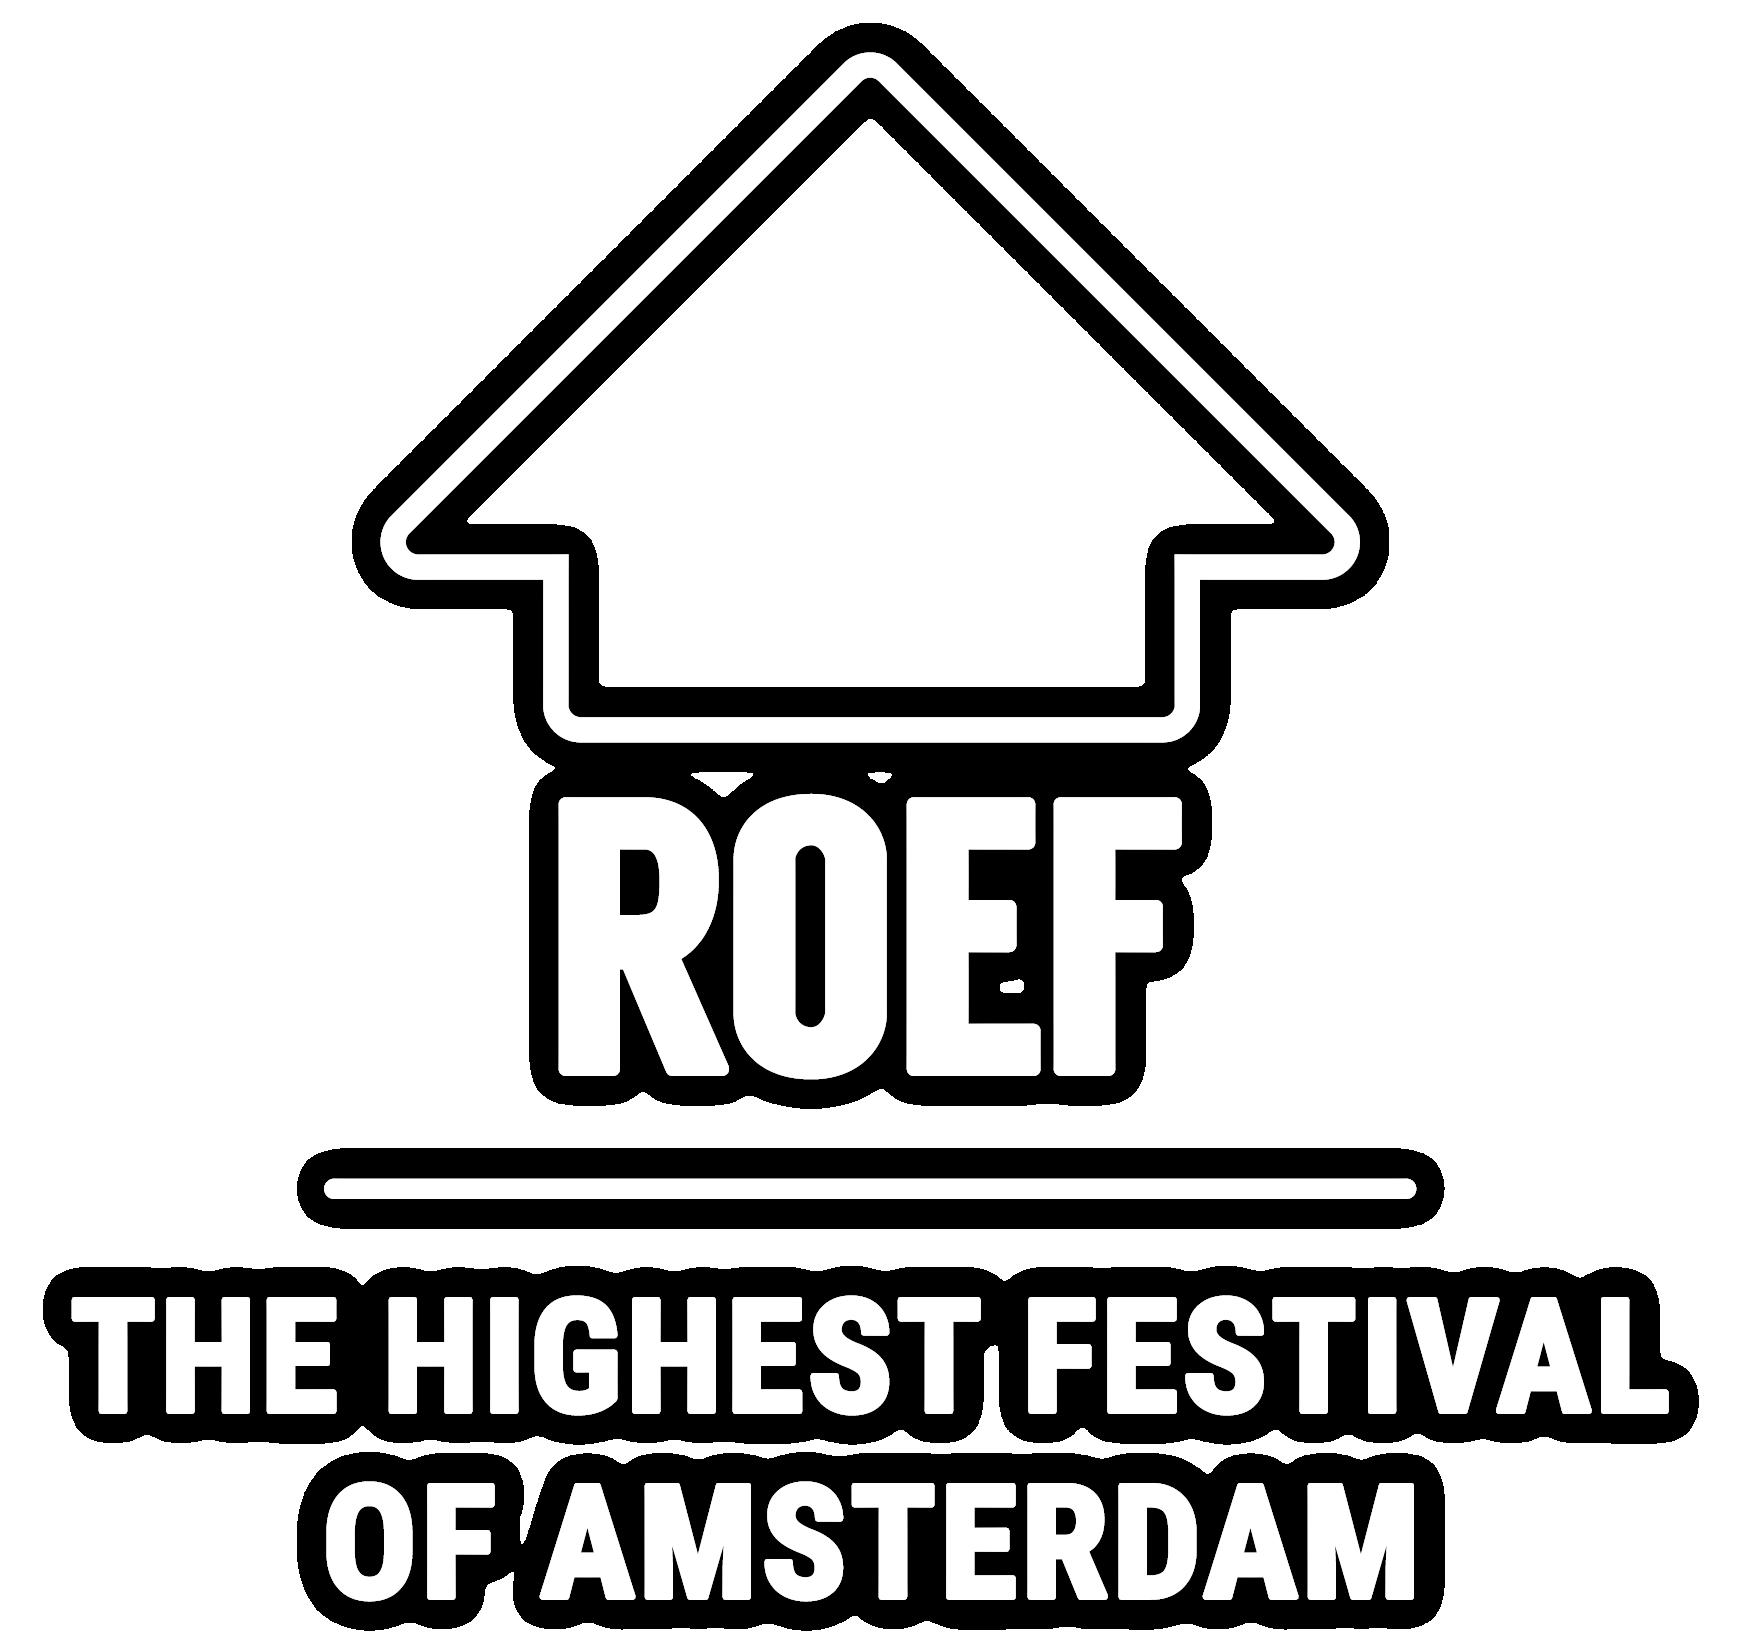 ROEF Rooftop Festival Amsterdam - Het hoogste festival van Amsterdam